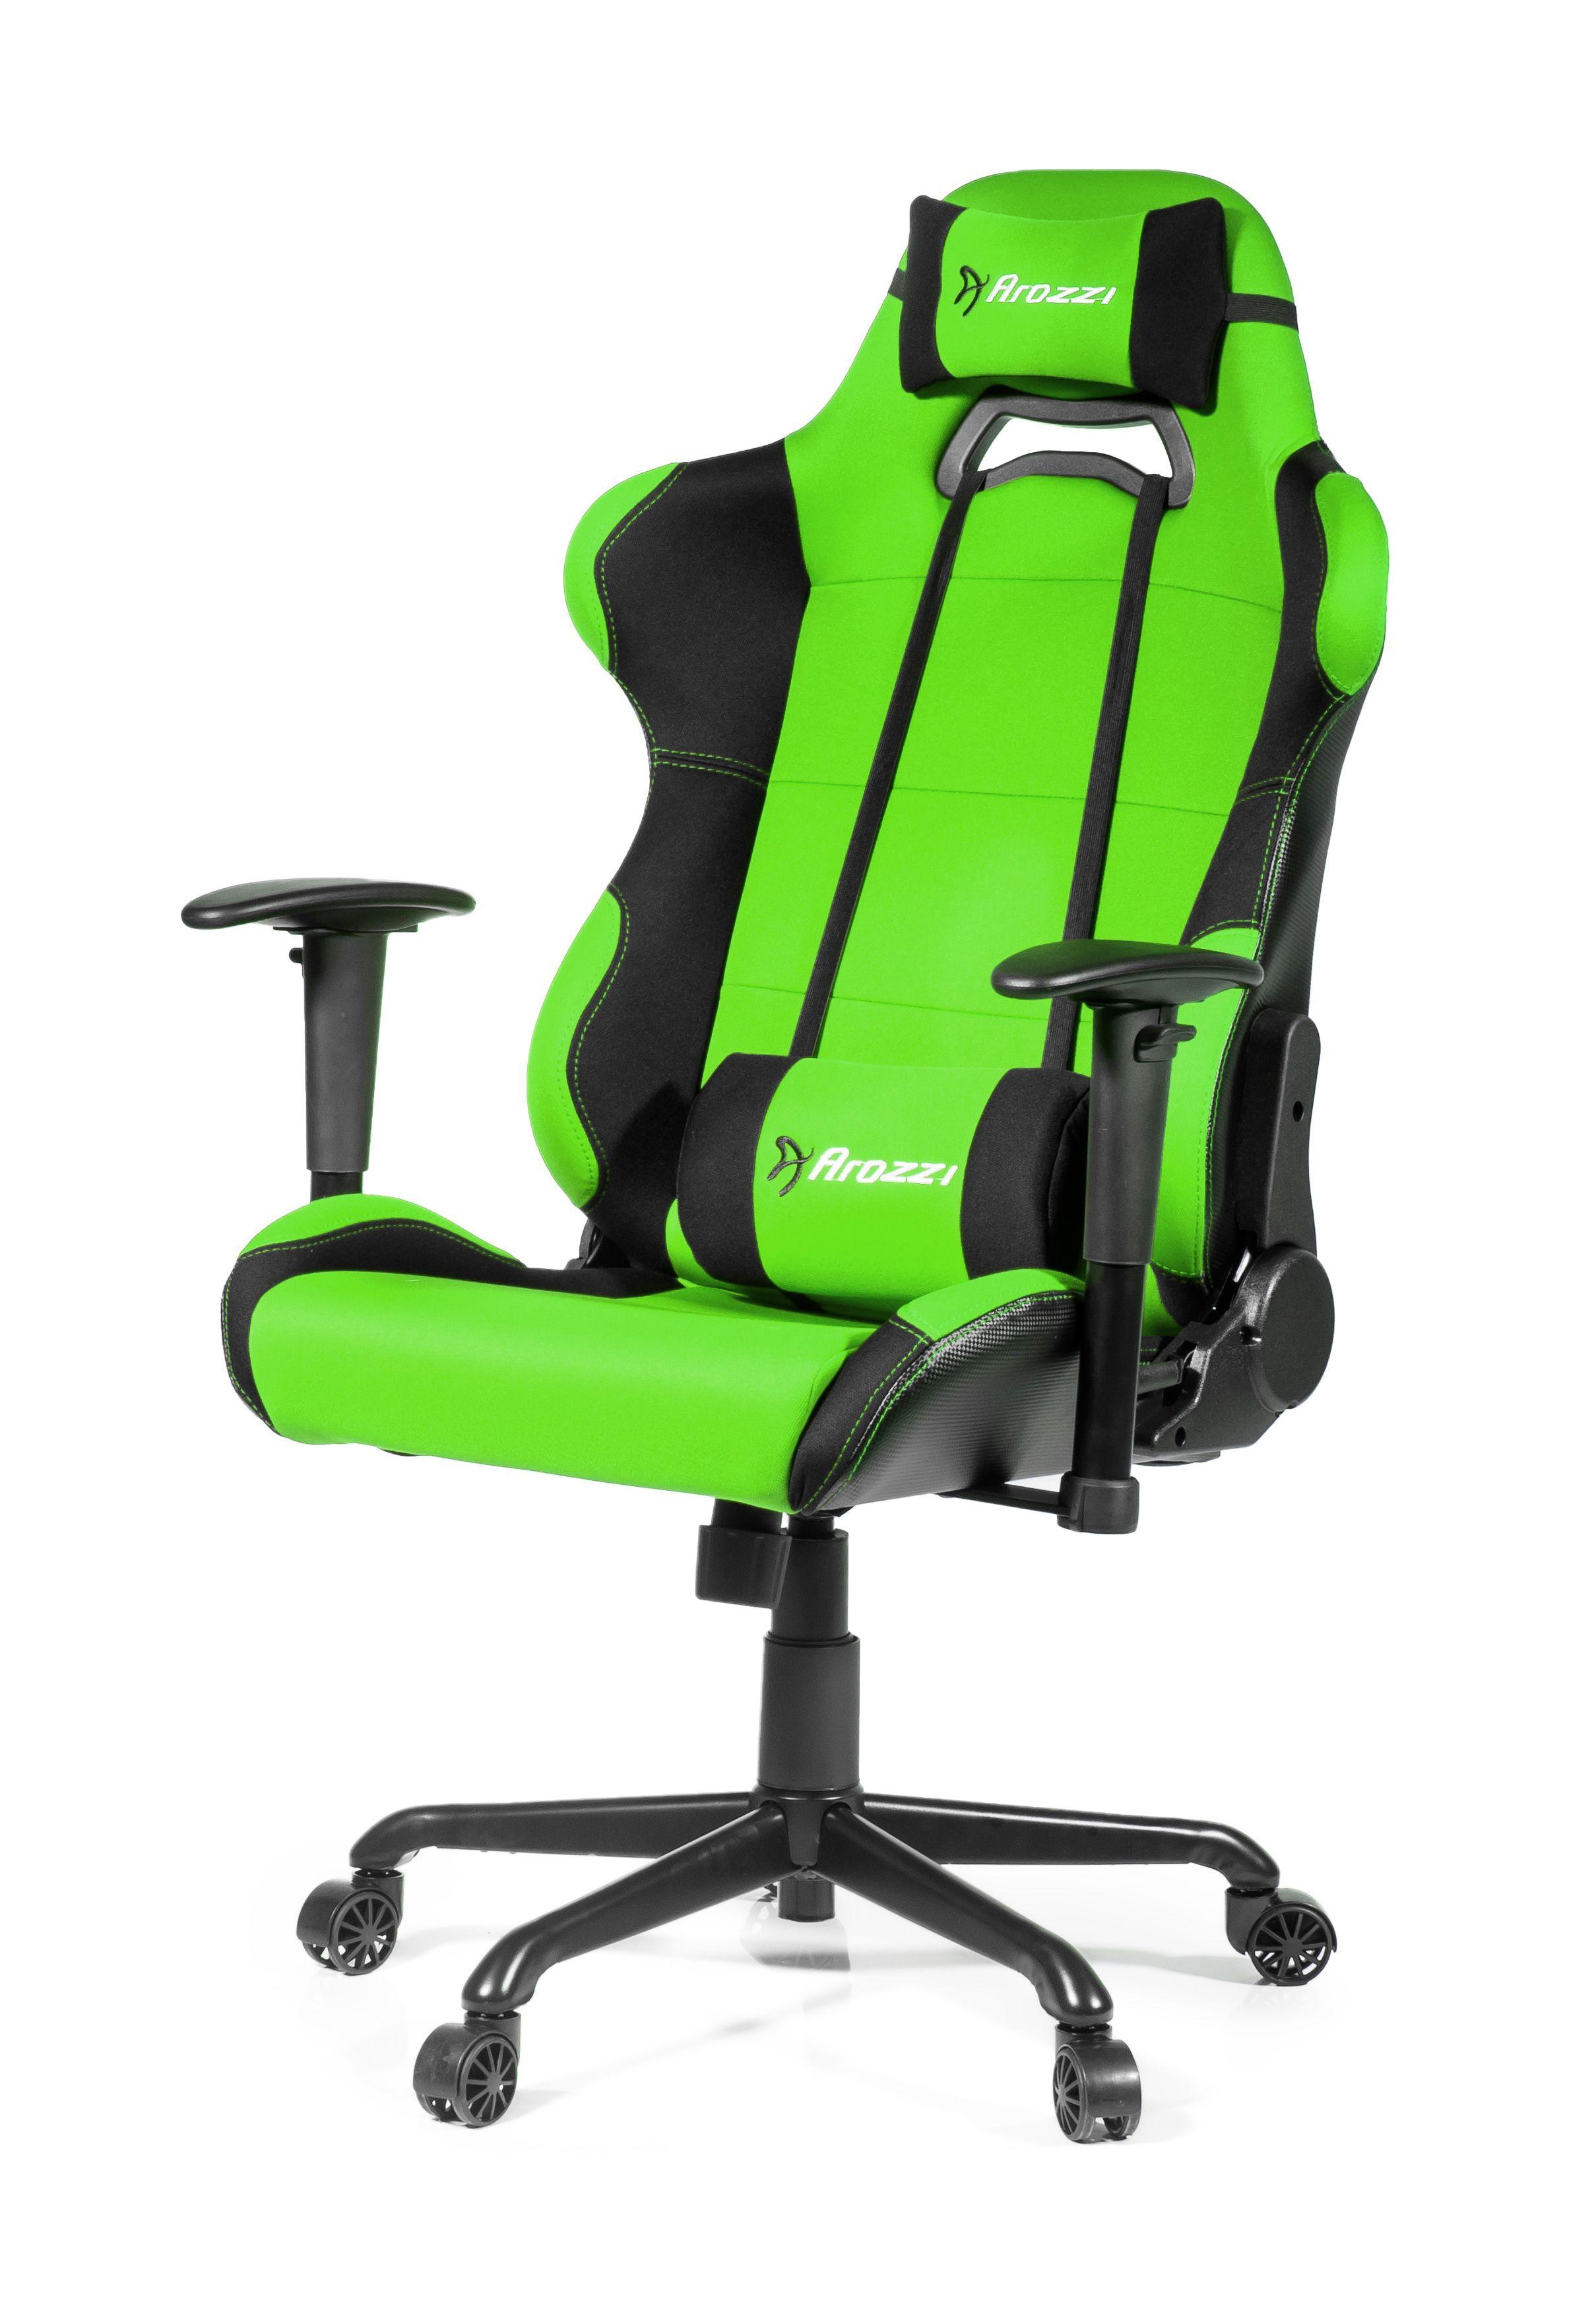 Геймърски стол arozzi torretta xl green цена и характеристики